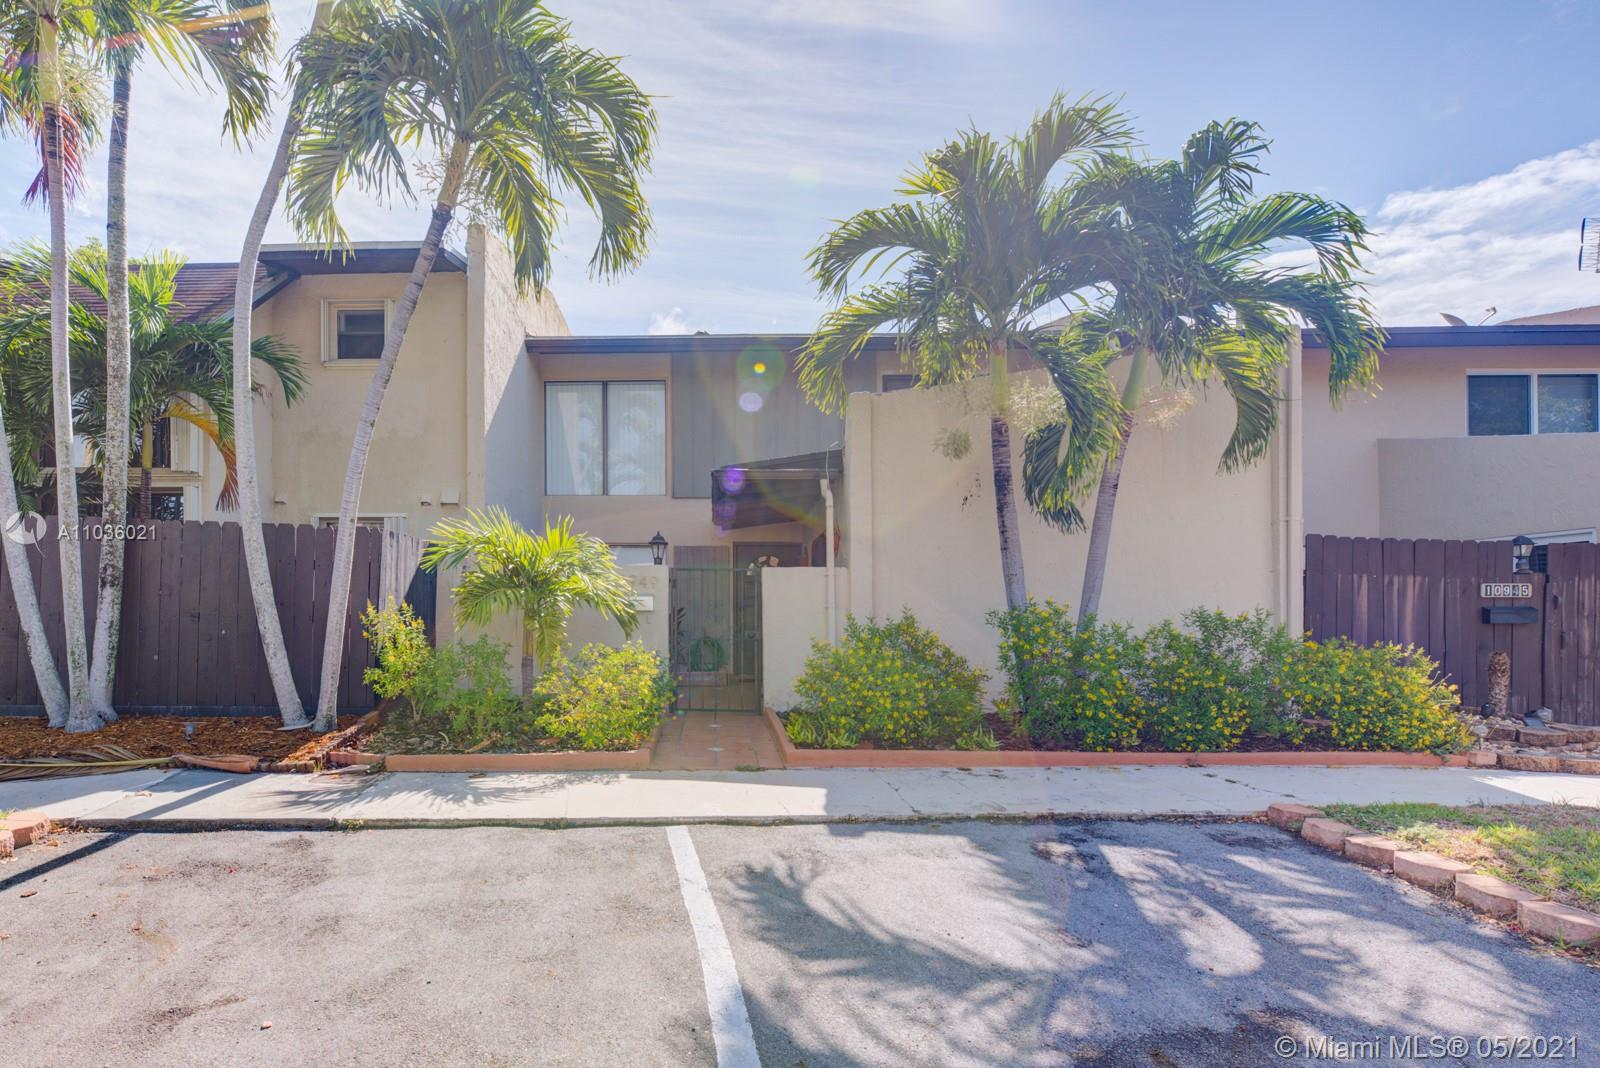 Snapper Creek - 10949 SW 70th Ter, Miami, FL 33173